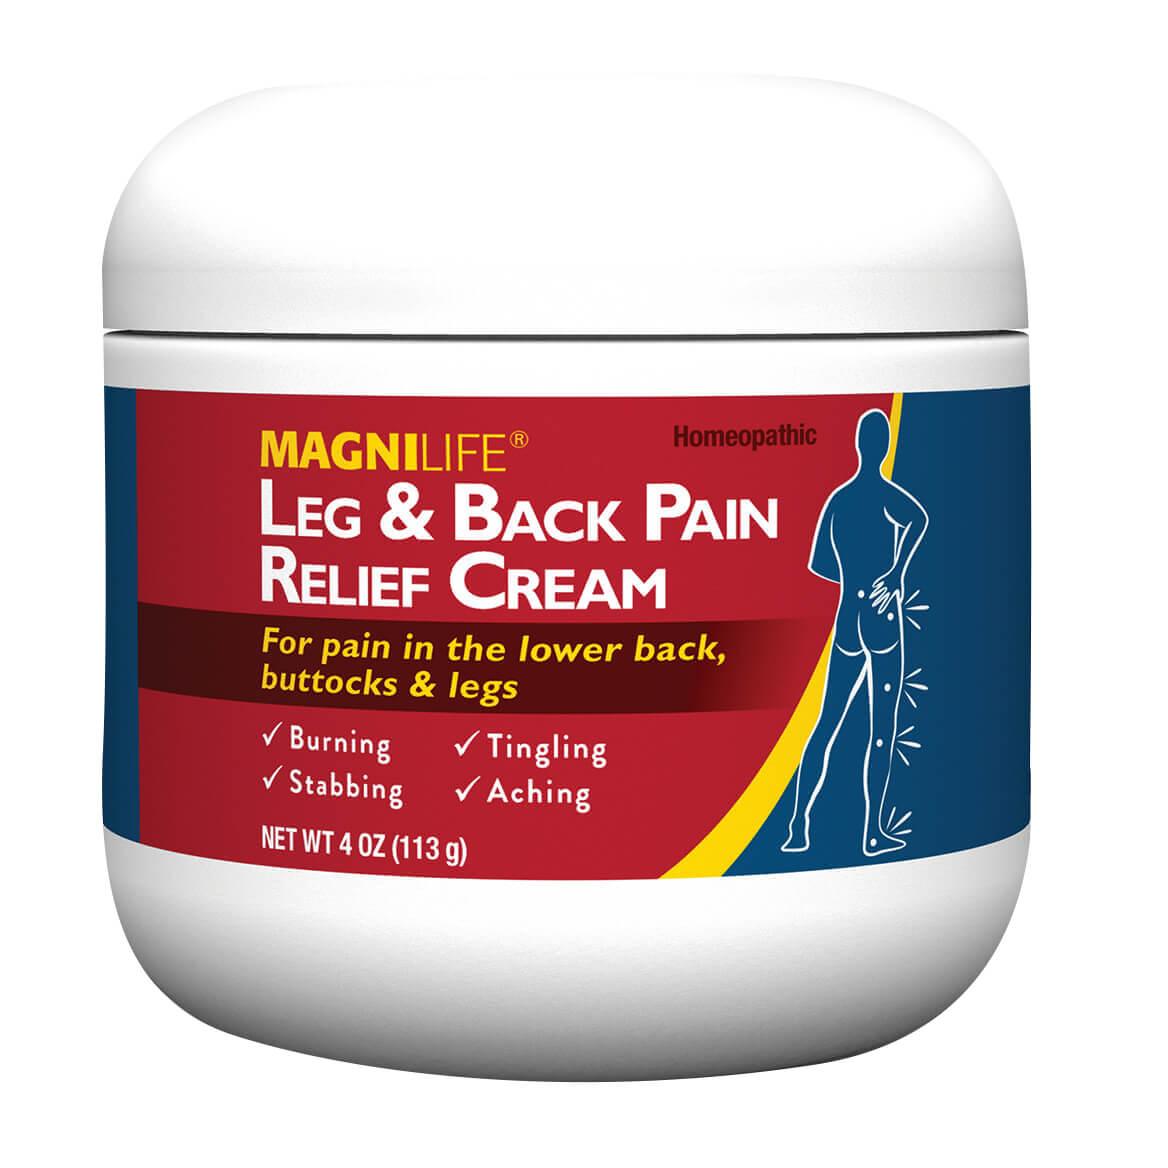 Leg & Back Pain Relief Cream-369978